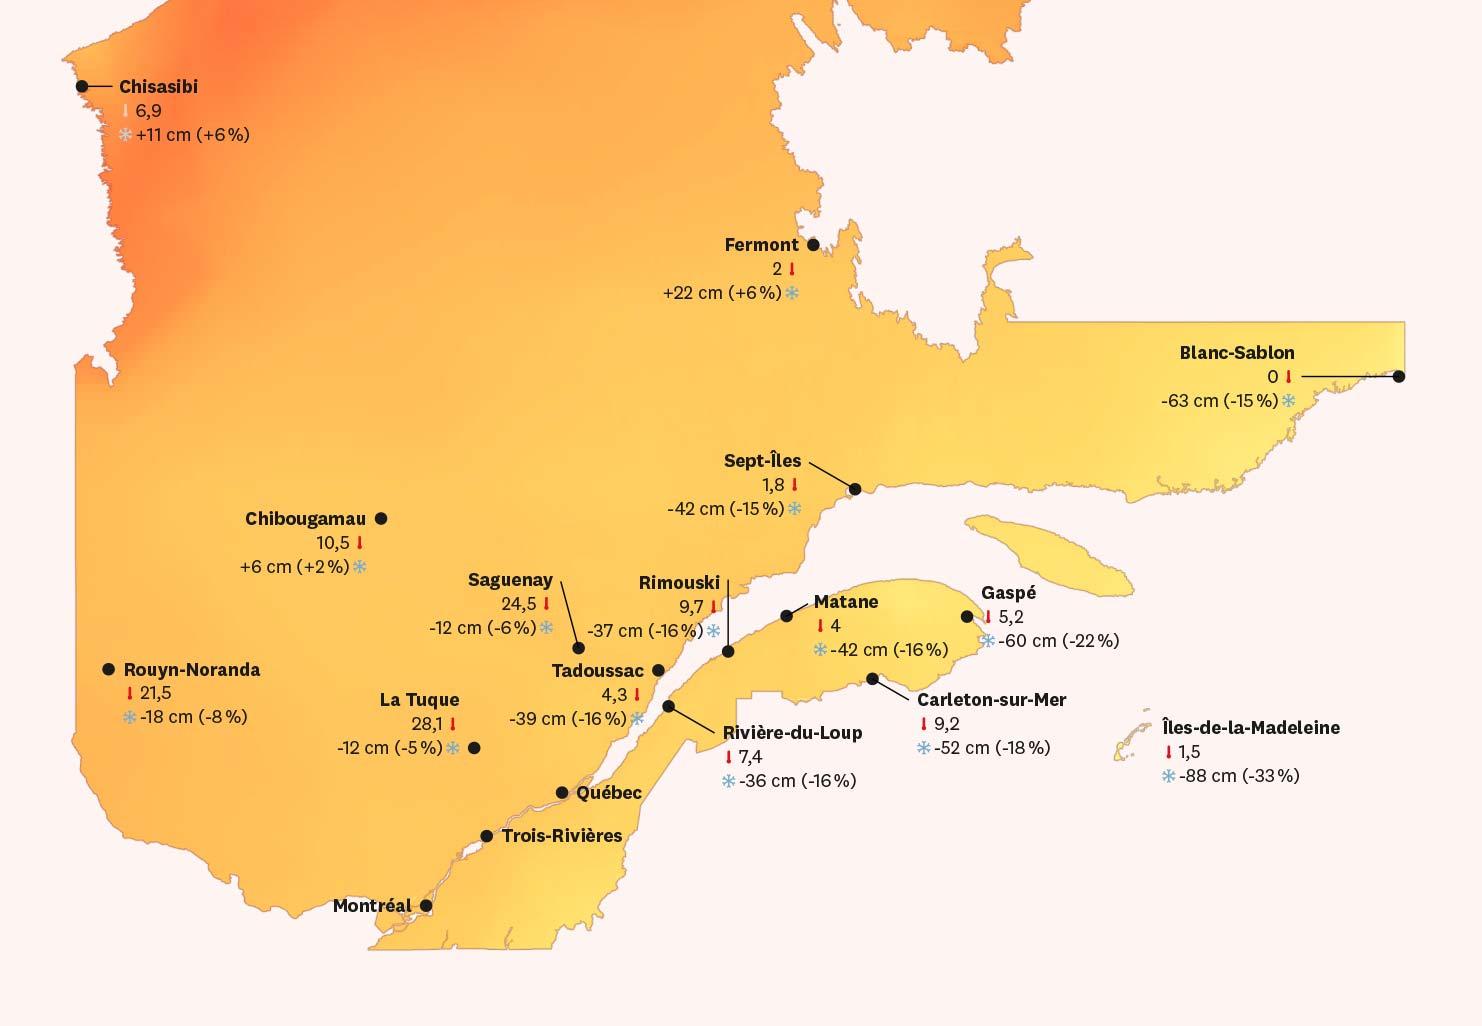 Le climat du Québec en 2050